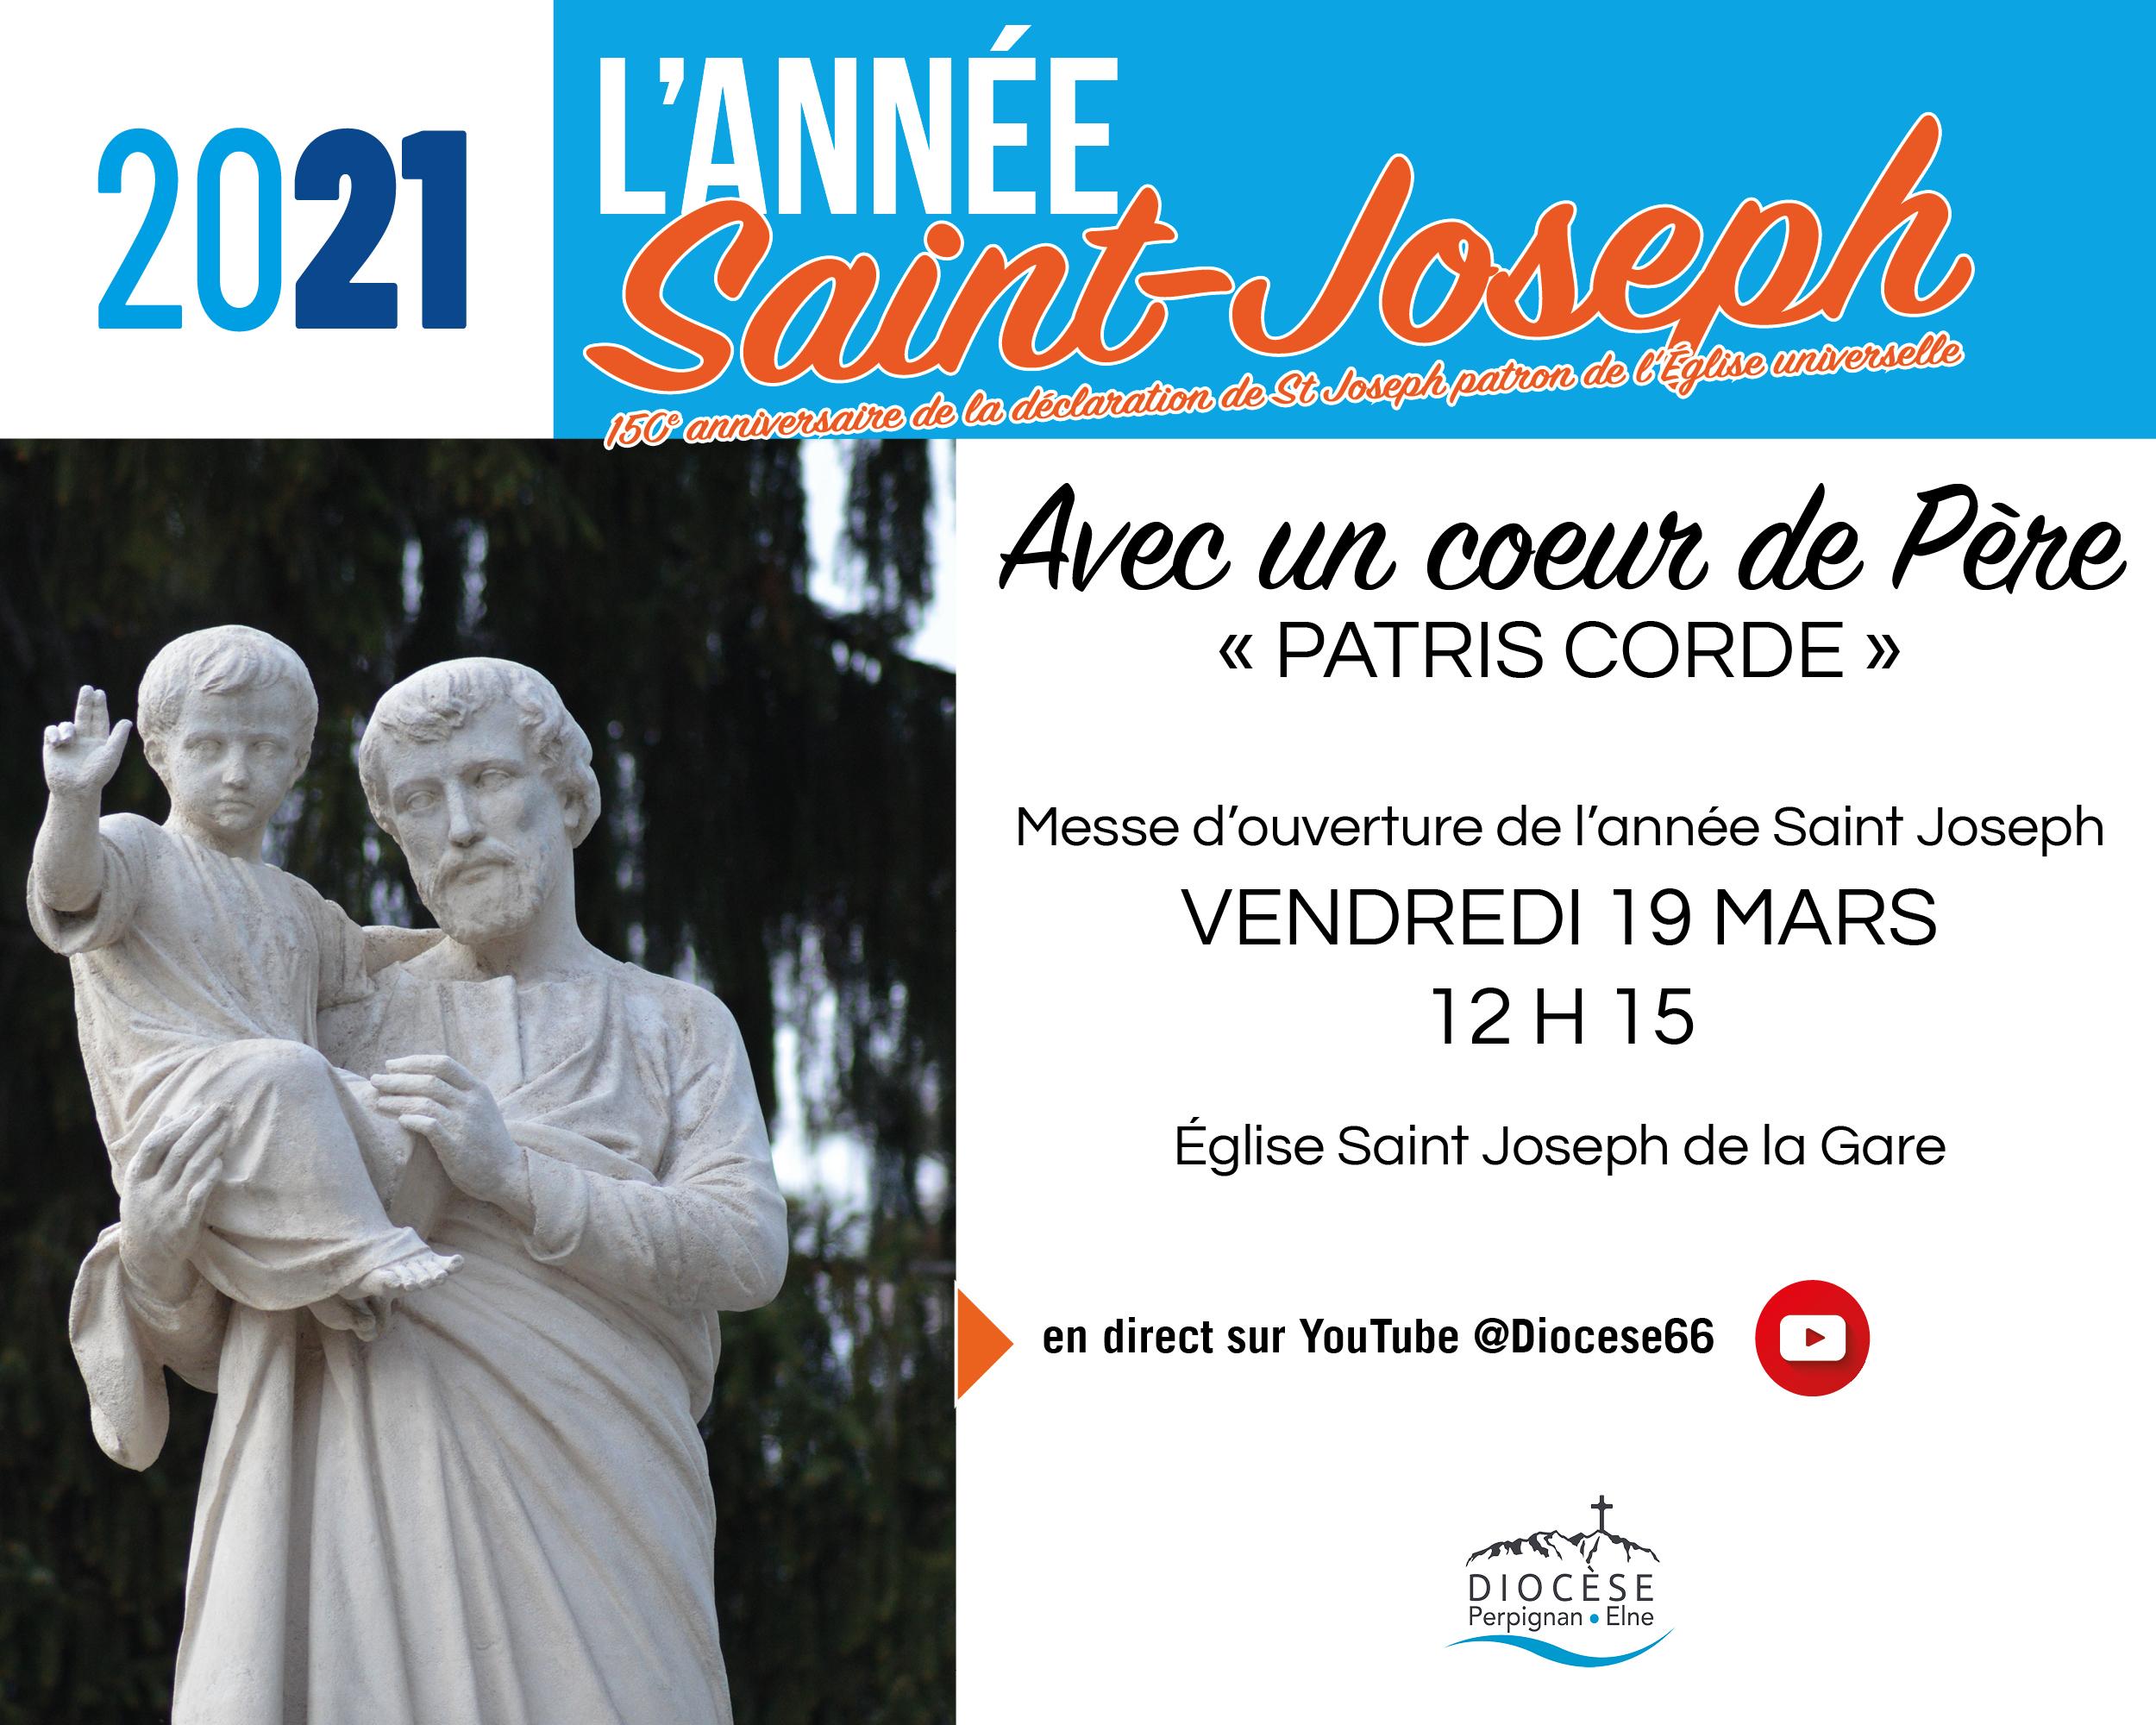 Année St Joseph : La messe d'ouverture en direct le 19 Mars à 12 h 15